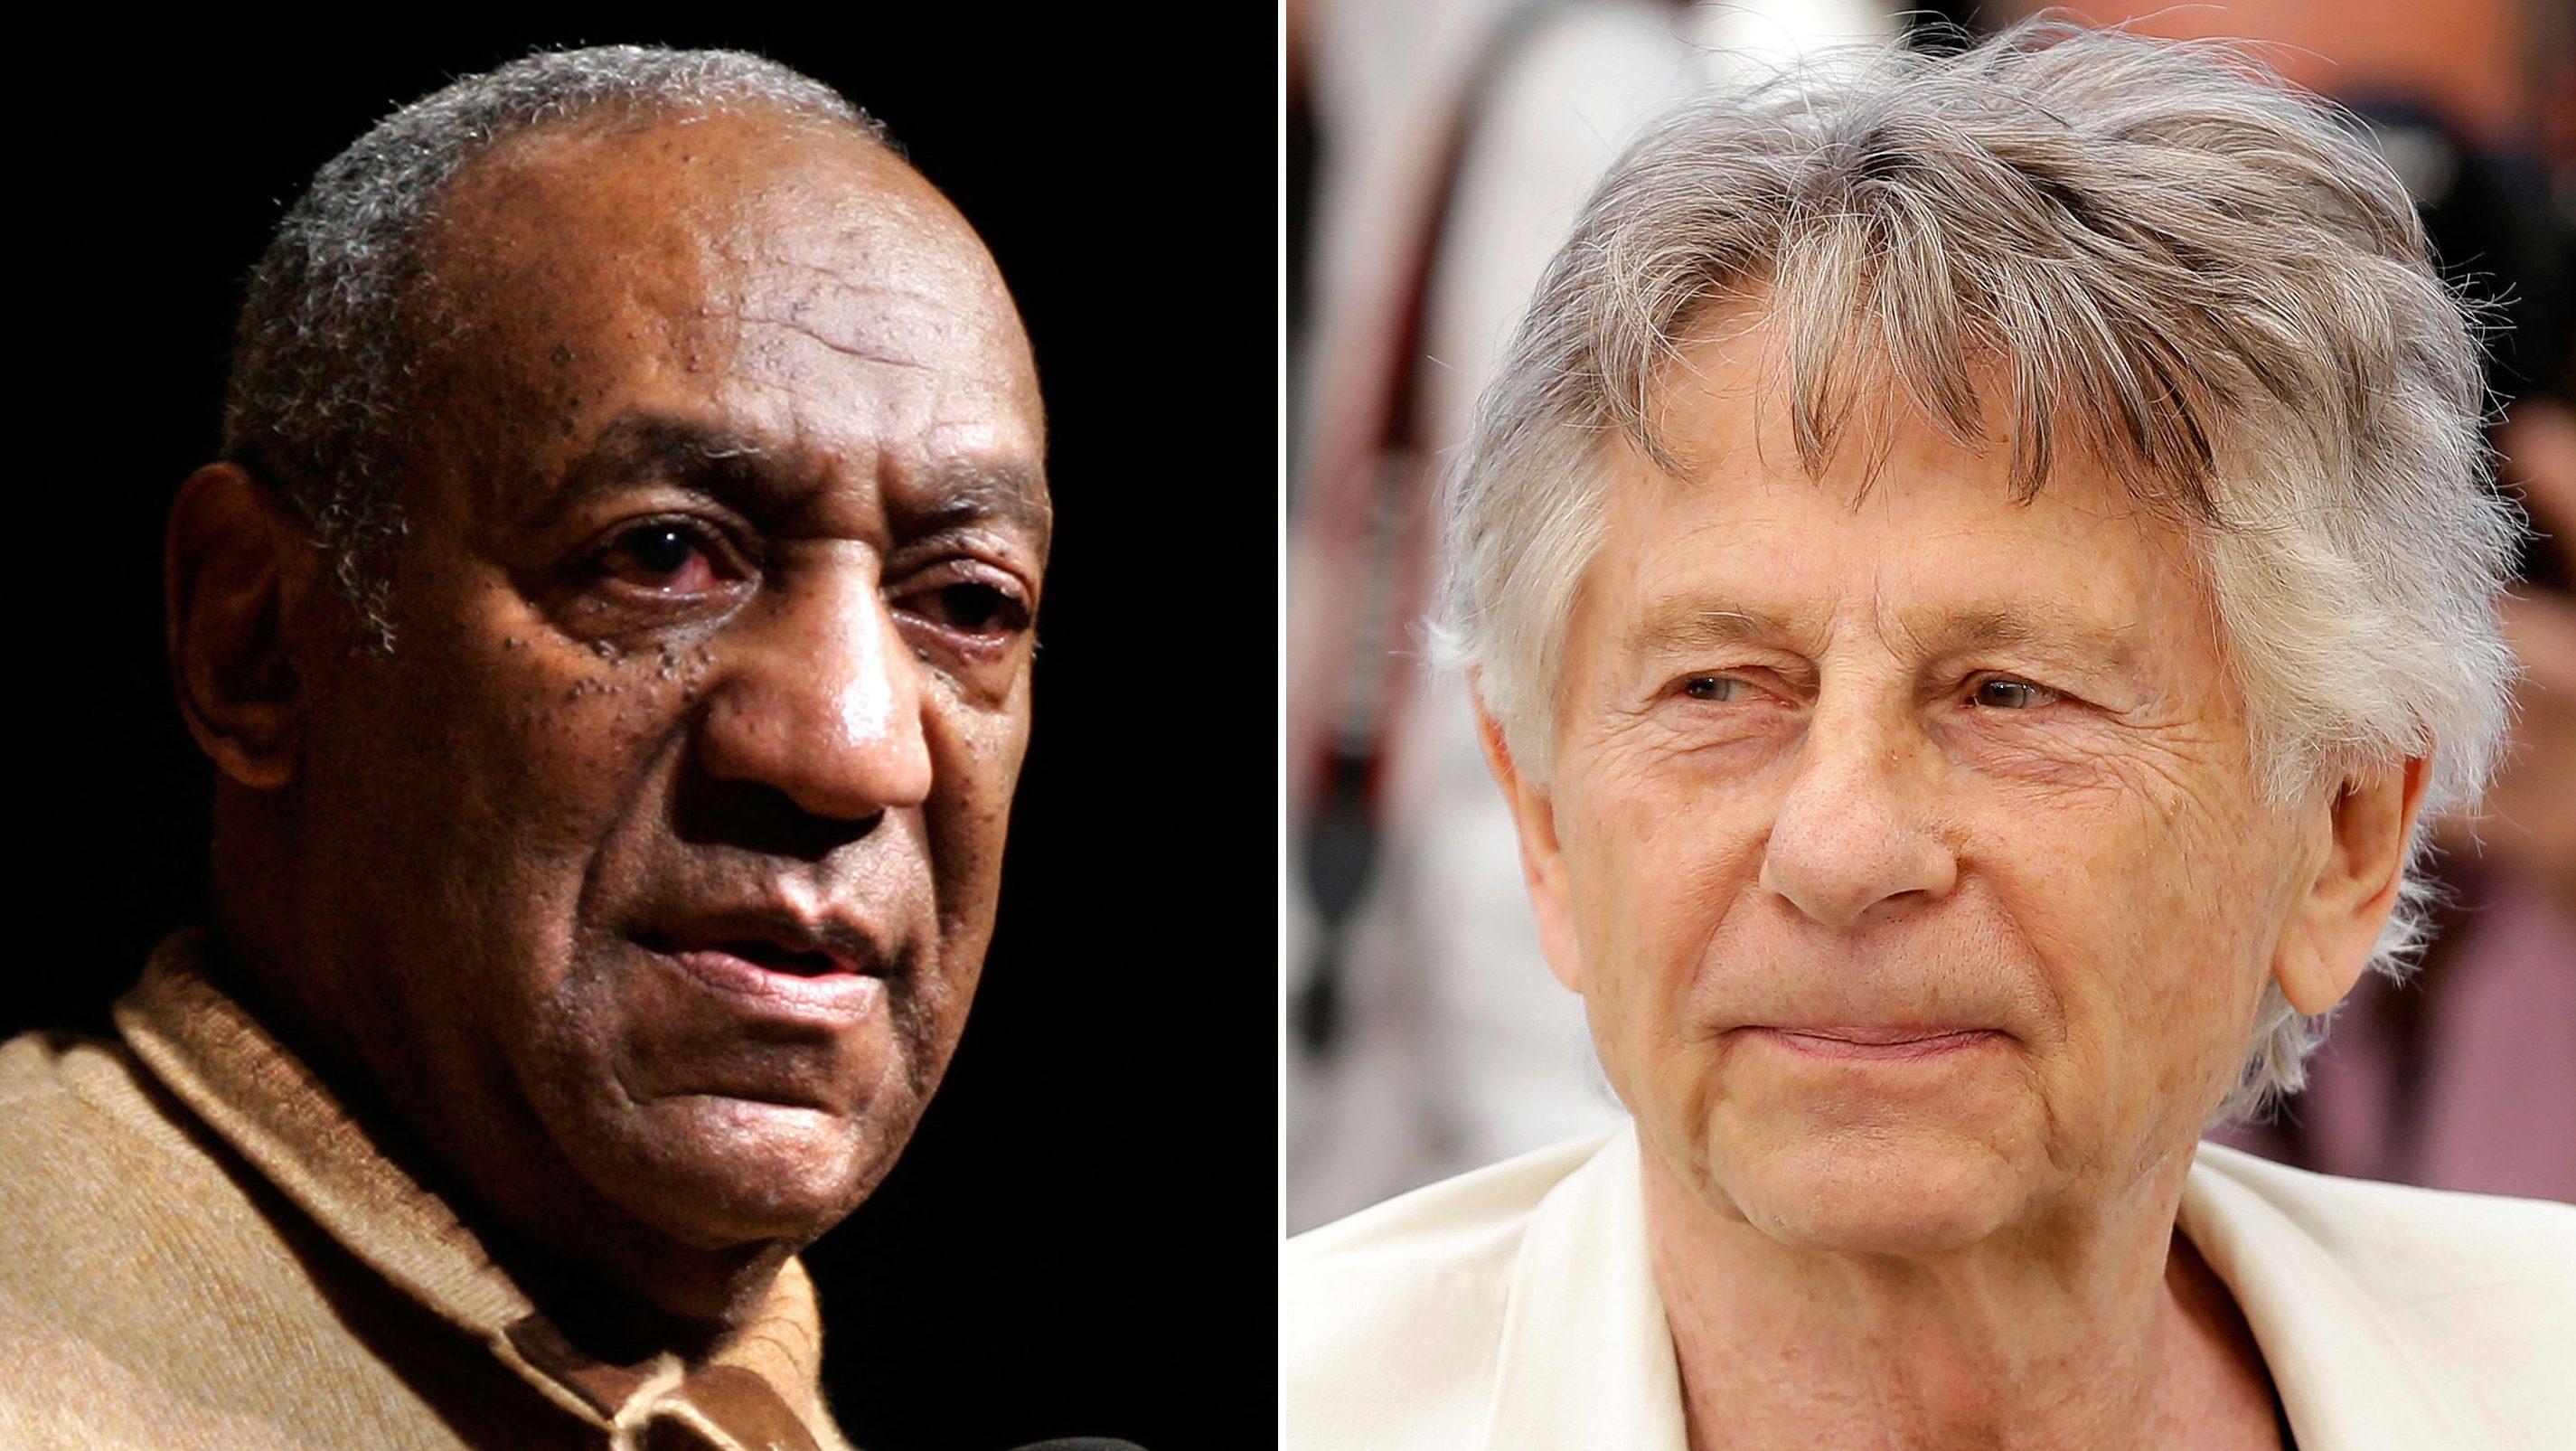 Oscars-Cosby and Polanski